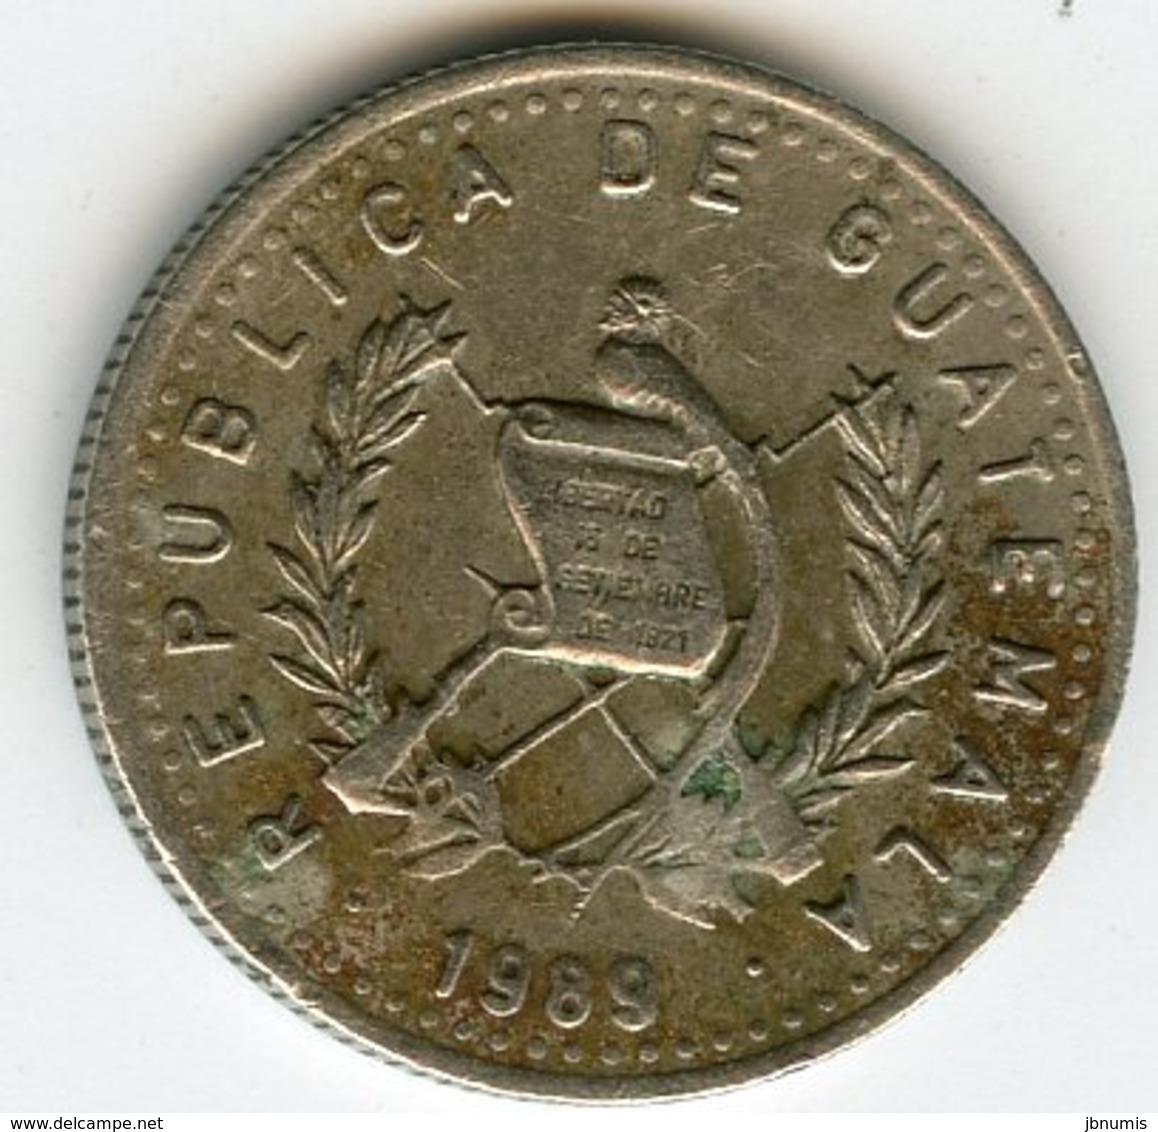 Guatemala 5 Centavos 1989 KM 276.4 - Guatemala